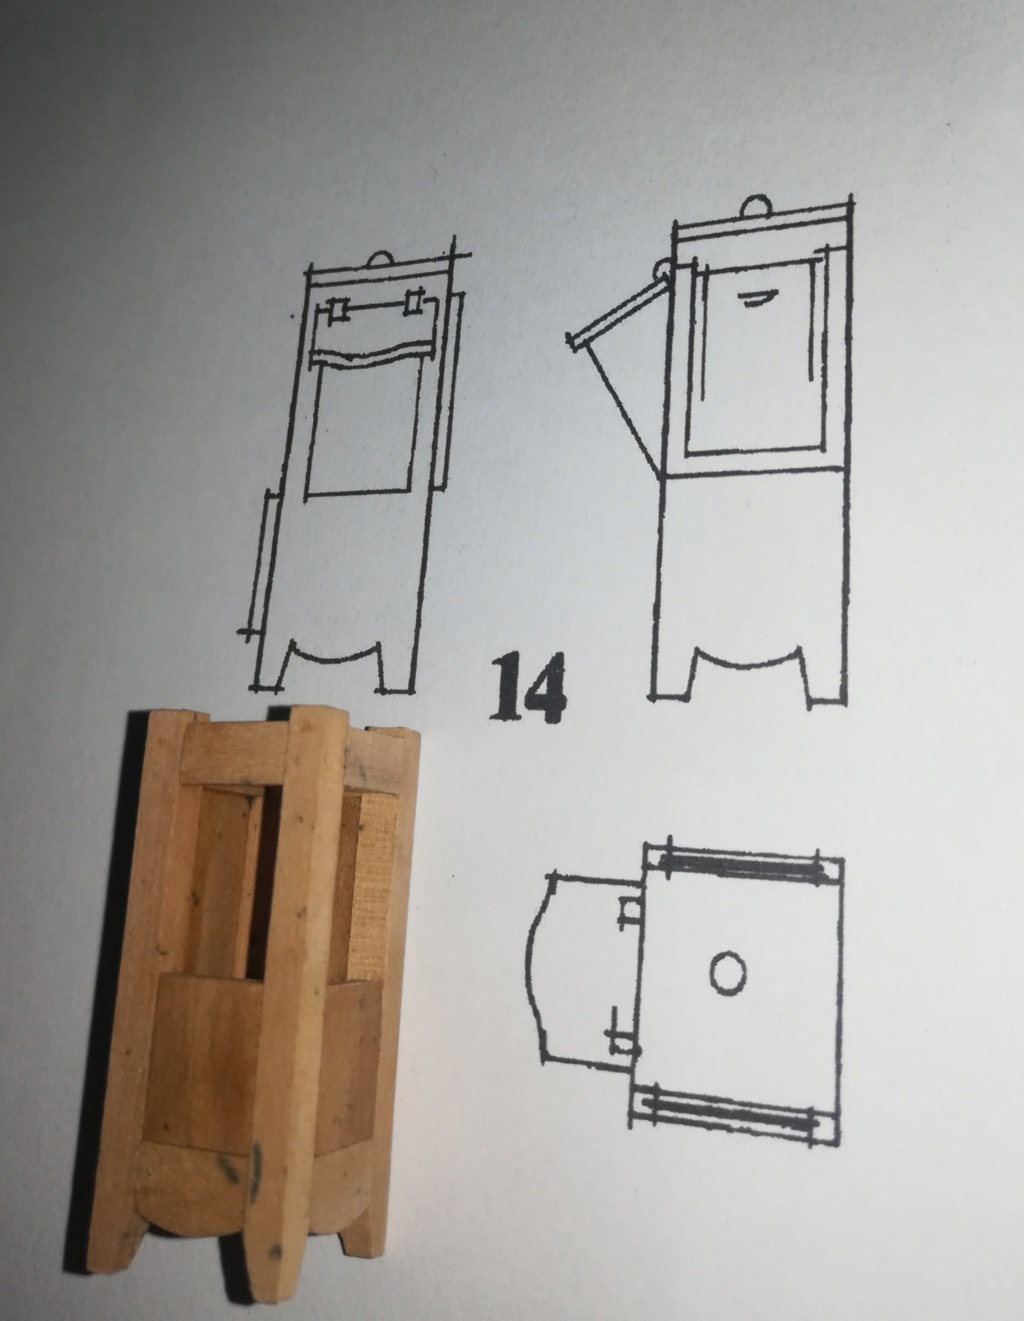 La Belle 1684 scala 1/24  piani ANCRE cantiere di grisuzone  - Pagina 9 Rimg_289